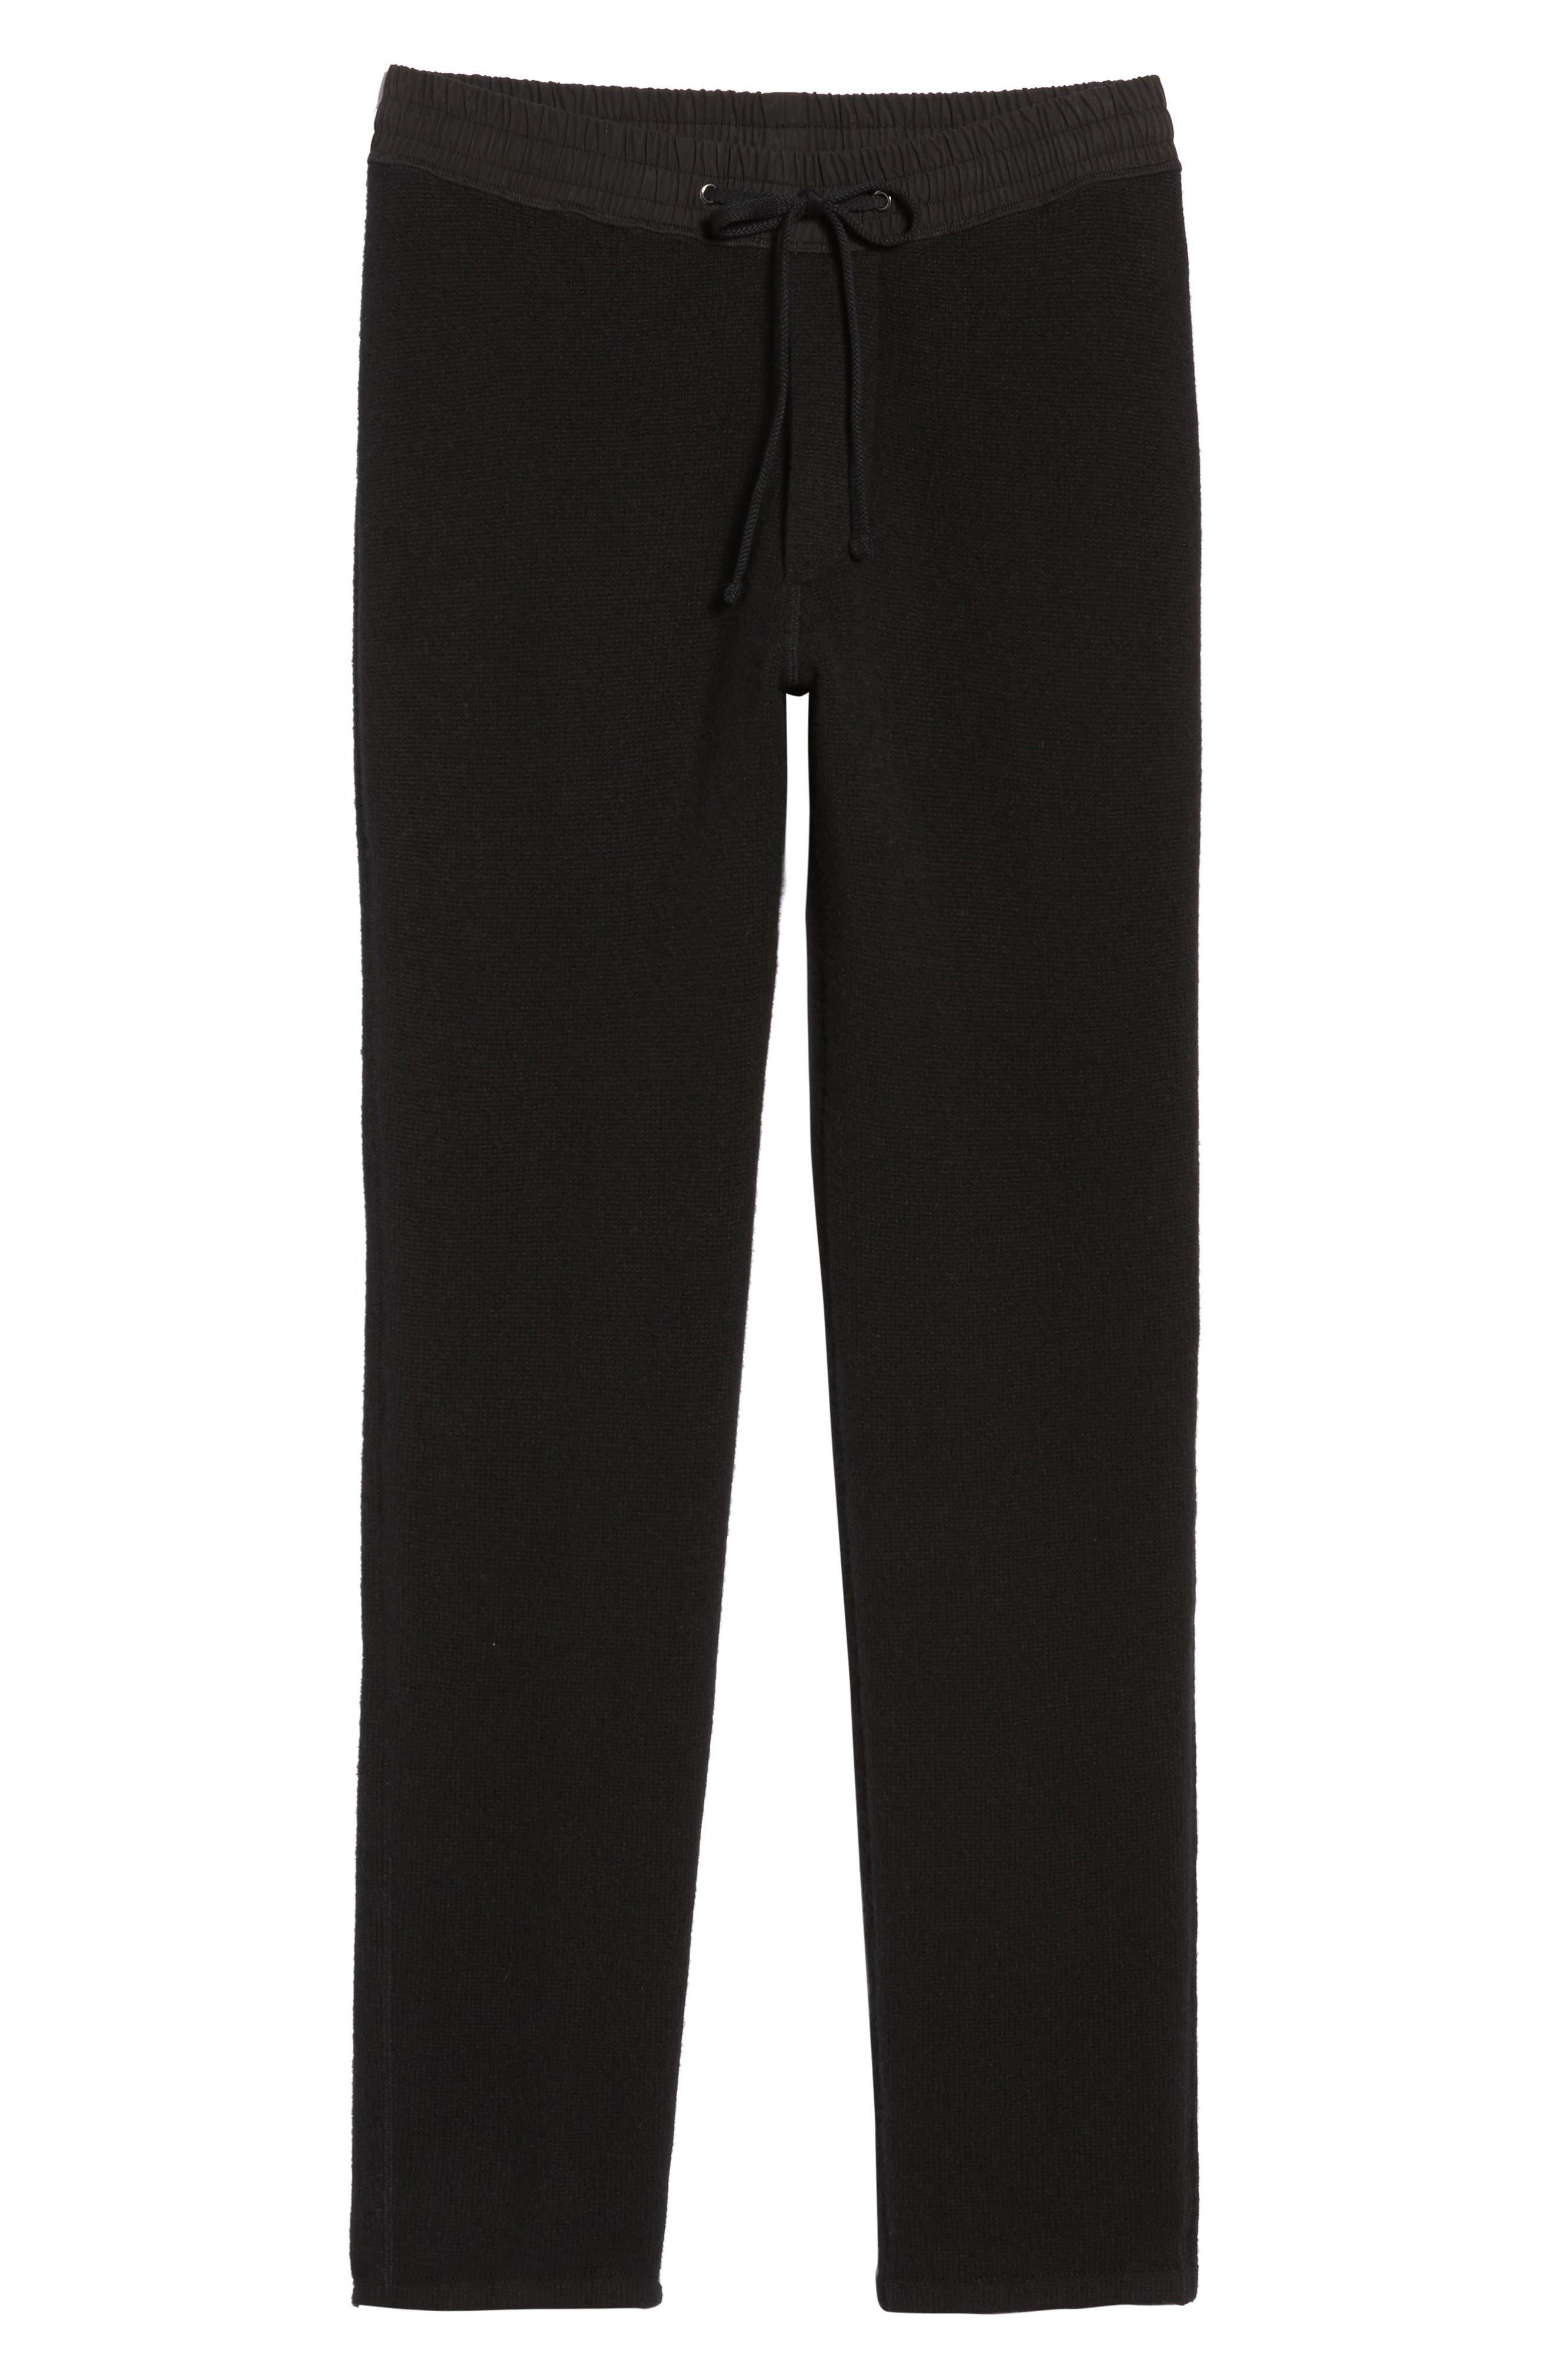 Cashmere Sweatpants,                             Alternate thumbnail 6, color,                             001